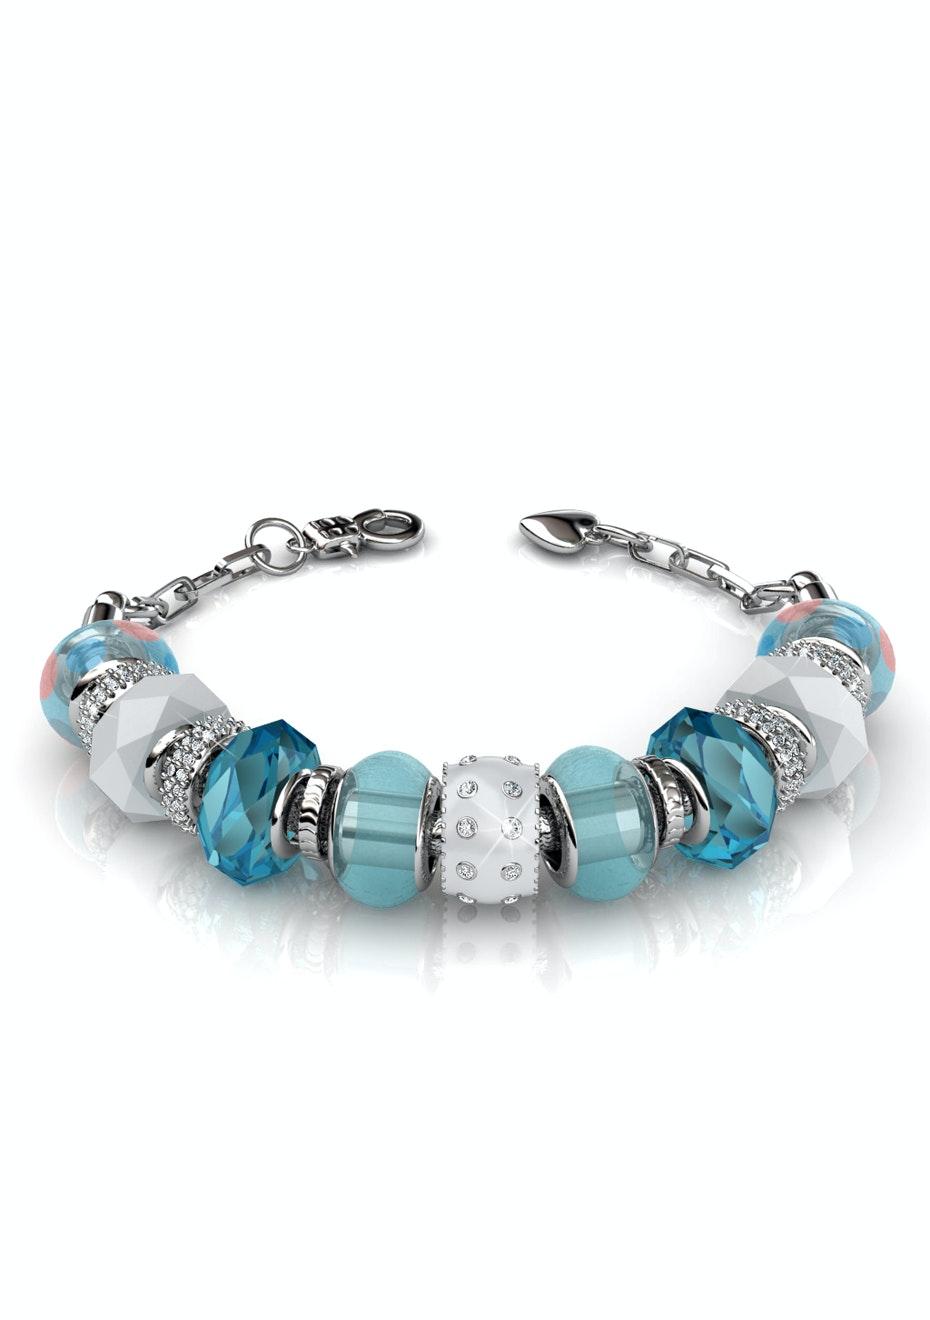 Charm bracelet set Ft Swarovski Elements